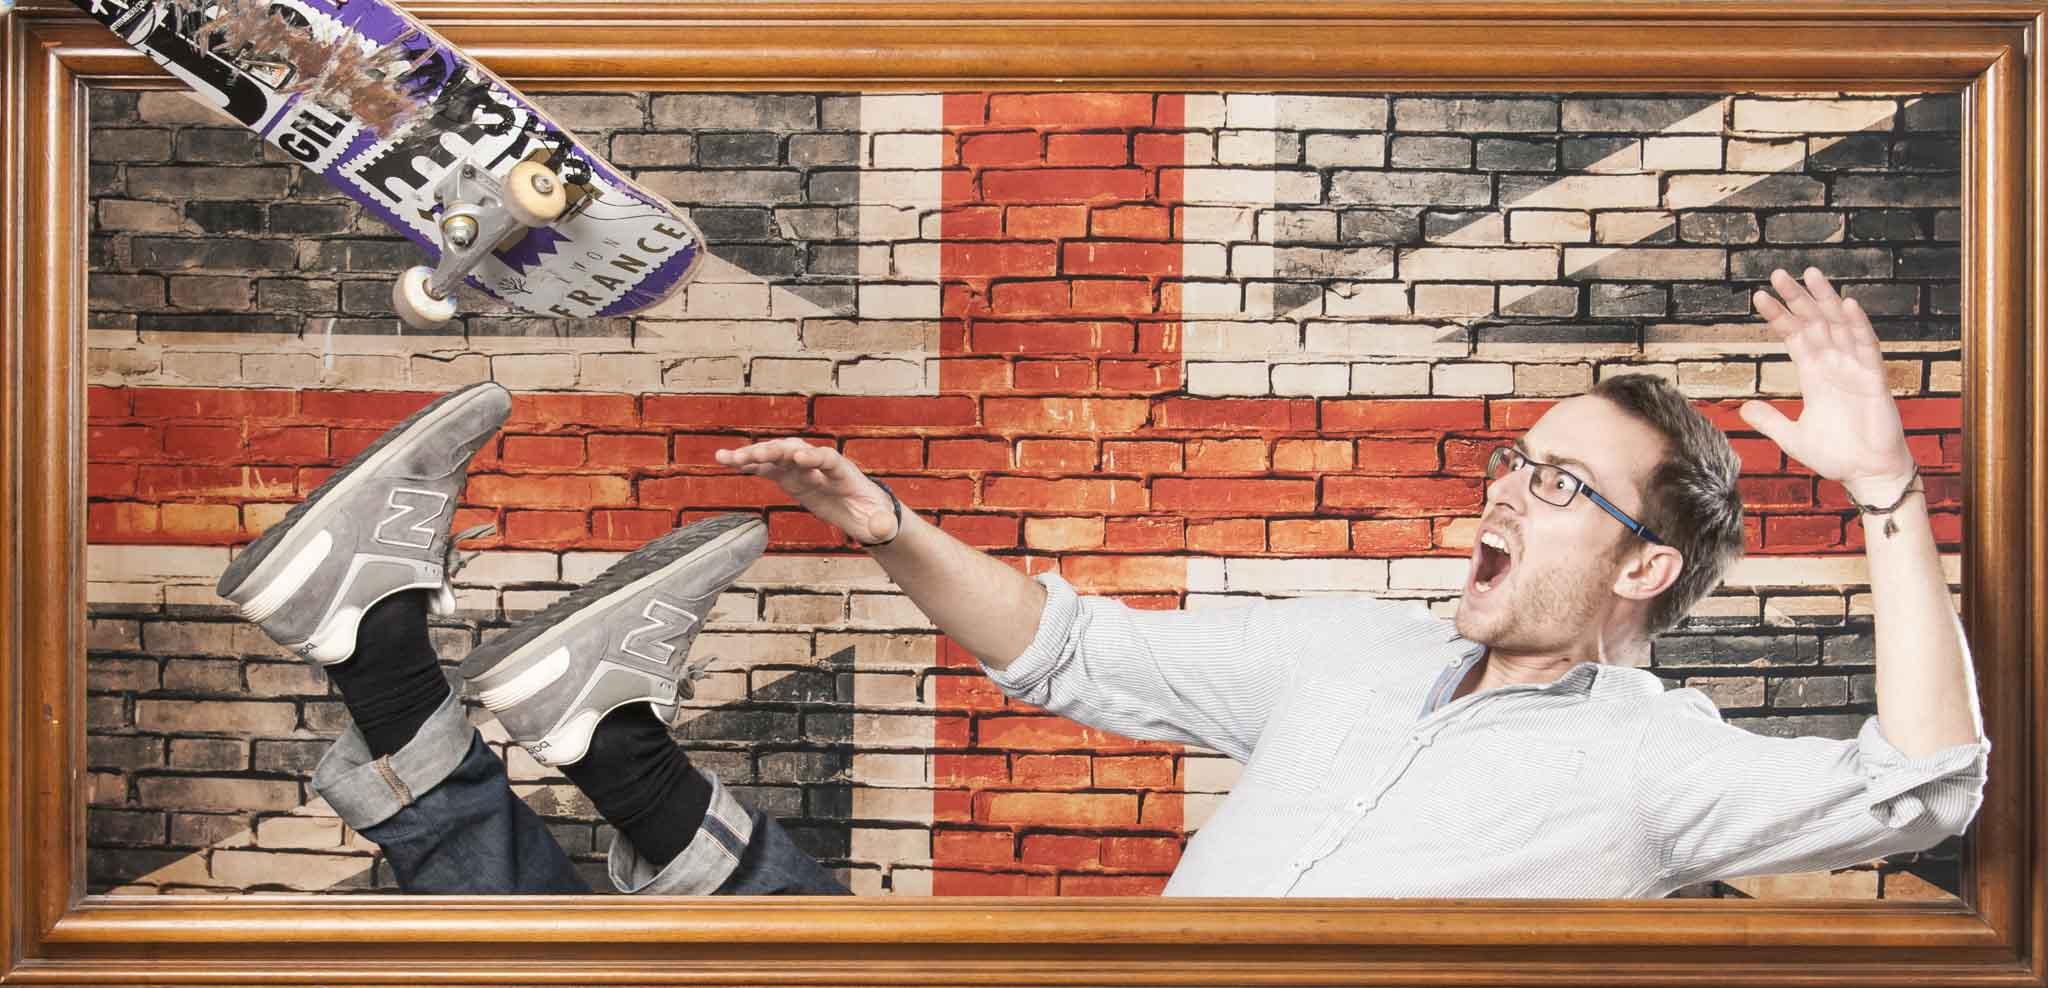 Studio, deguise, idee animation anniversaire, decor, Femme, evenementiels, derision, idee cadeau photo, evenement photo,enfant et parent, derision, photo artistique, creation, idee cadeau photo, humour,studio le carre, enfant, lille,photographie, different, equipes,Studio, groupe, photo artistique,enfant et parent, event, Idee originale,tourcoin, idee anniversaire fille, fete anniversaire enfants Lille, creation, idee cadeau photo, humour,studio photo evenementiel, deguisements, Evenementiel,Studio, groupe, photo artistique, evenement photo, Lancement de produit, photo de soiree entreprise,photographie, different, equipes, amies, photo classique, event,Studio, evenement photo, idee cadeau fille